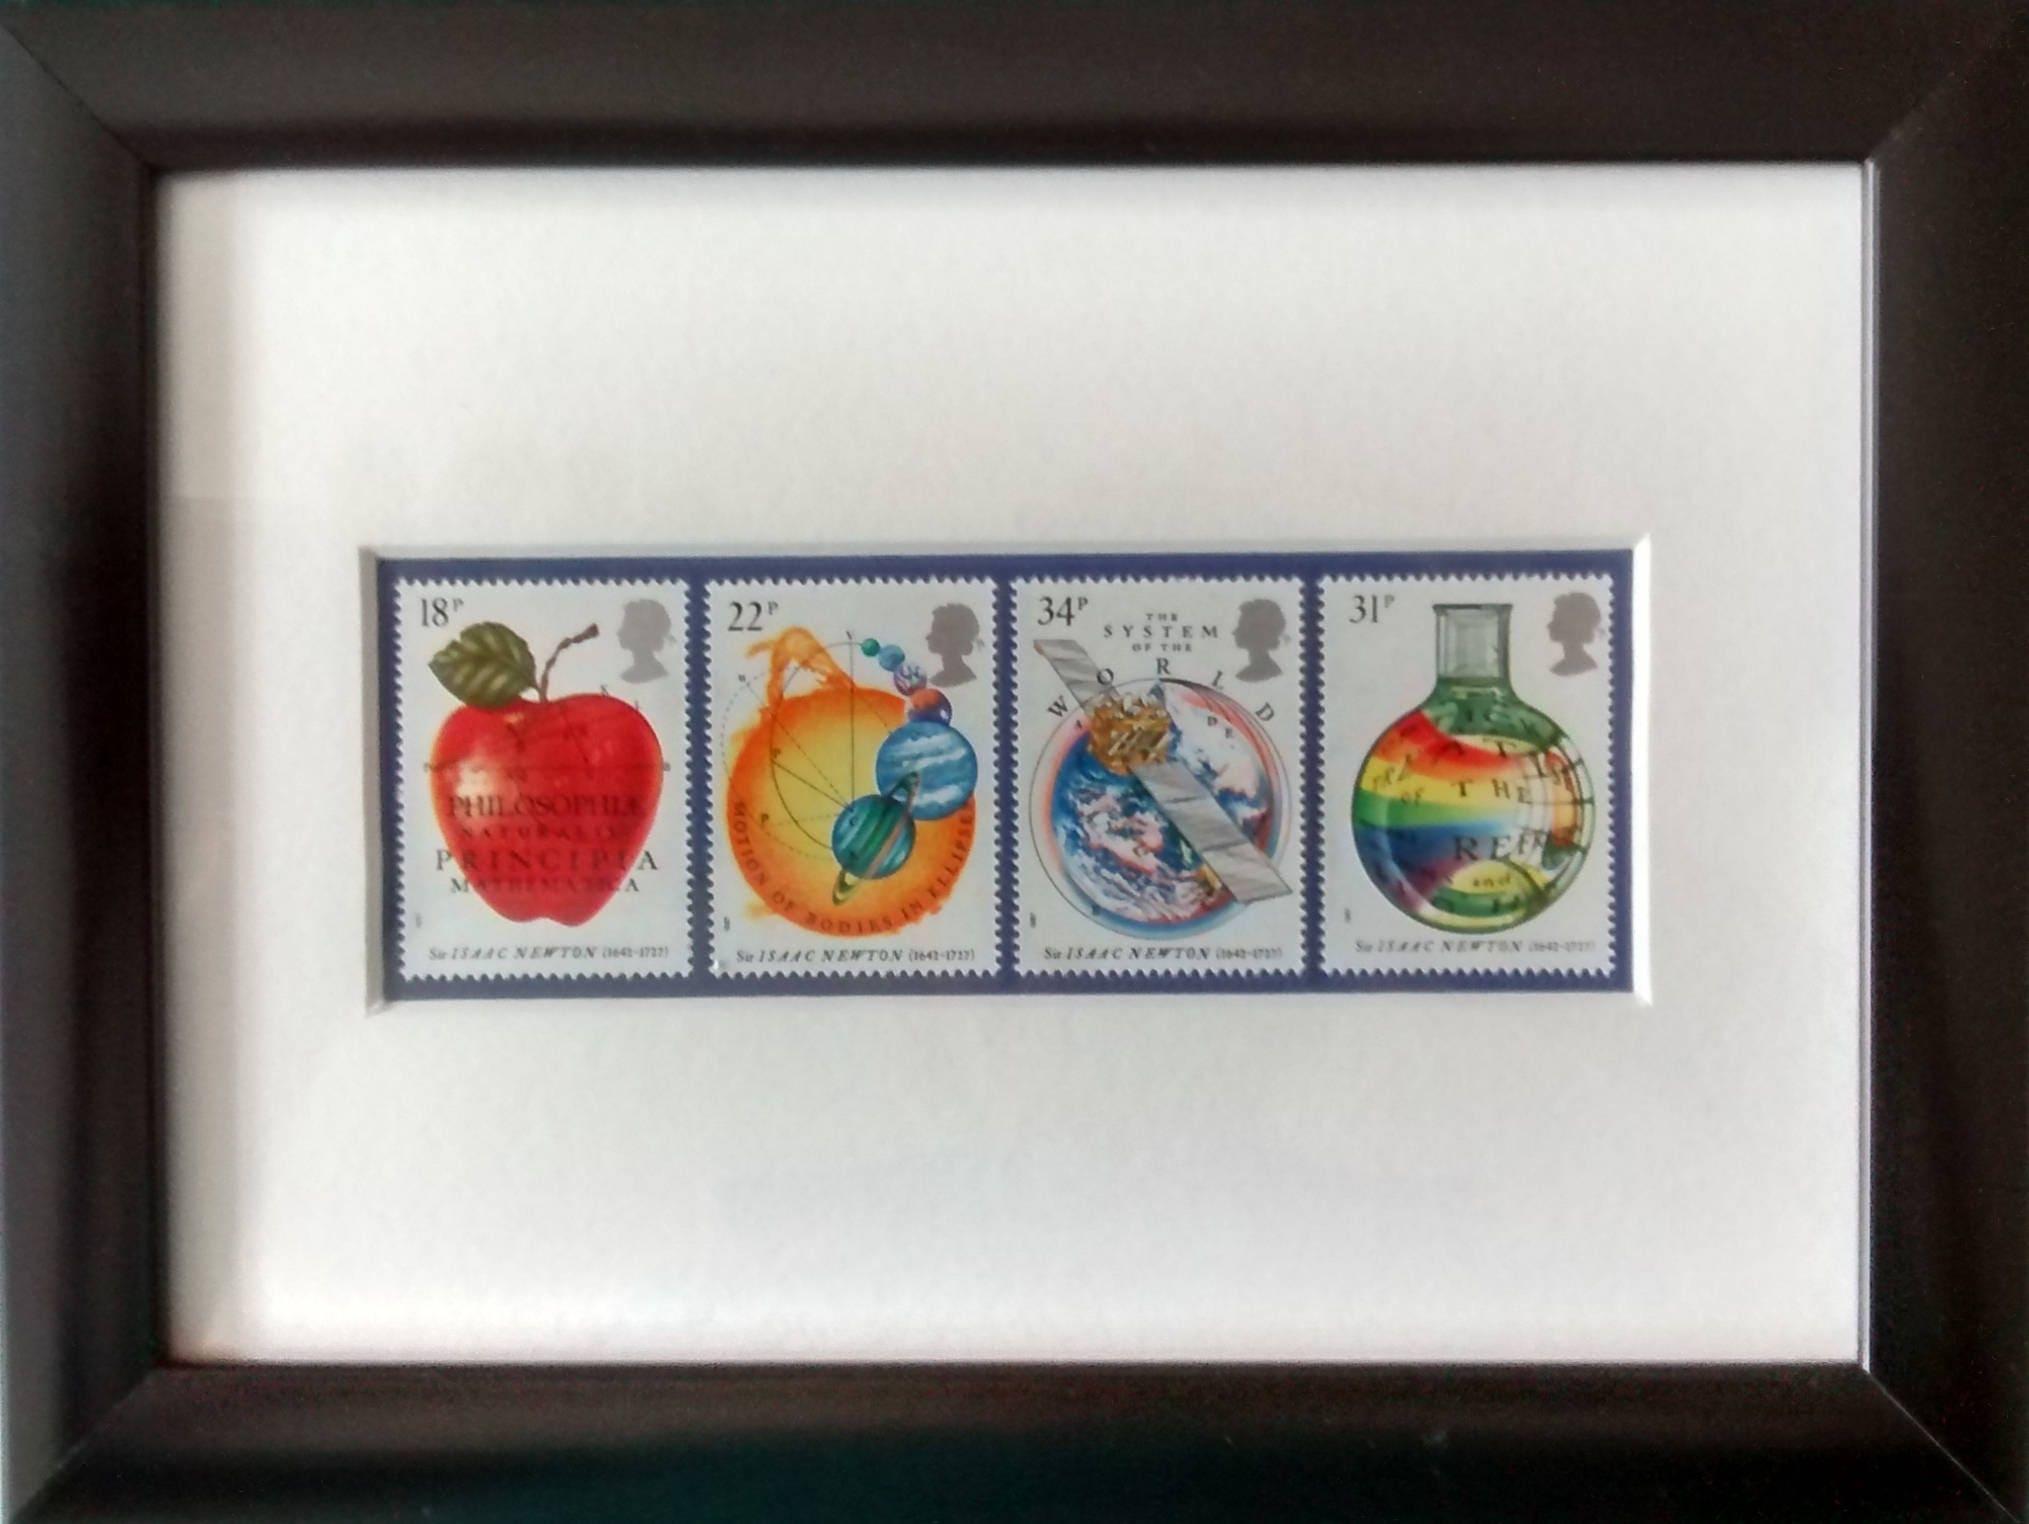 Wissenschaft gerahmt Briefmarken für Mathematik und Physik | Etsy